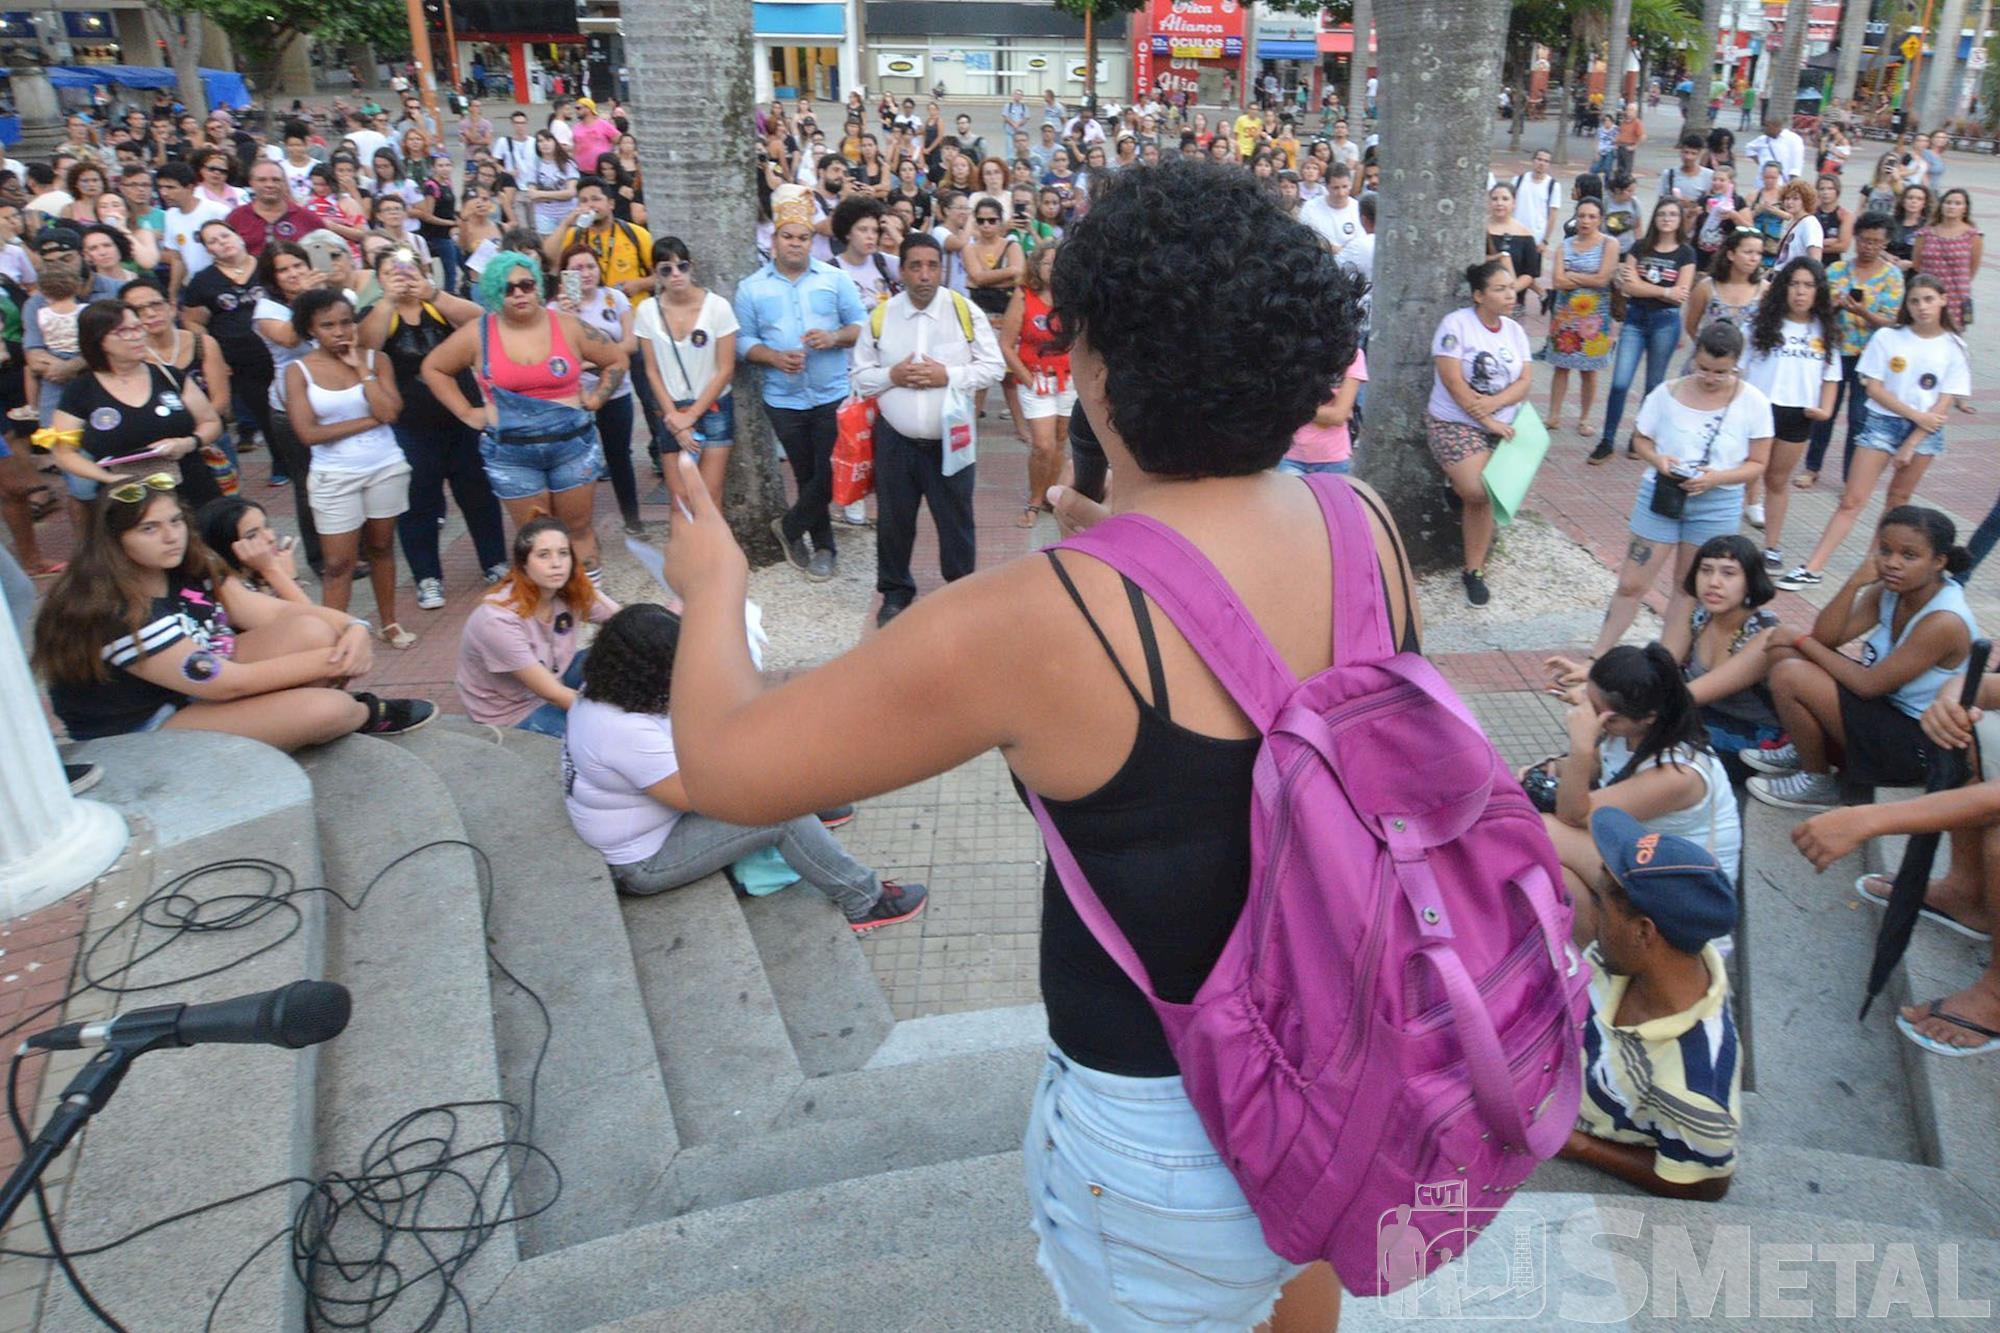 Marcha contra a violência e o machismo em Sorocaba, mulher,  dia,  internacional,  marcha,  sorocaba,  violência,  machismo, Foguinho/Imprensa SMetal, FOTOS: Mulheres de Sorocaba marcham contra a violência e o machismo